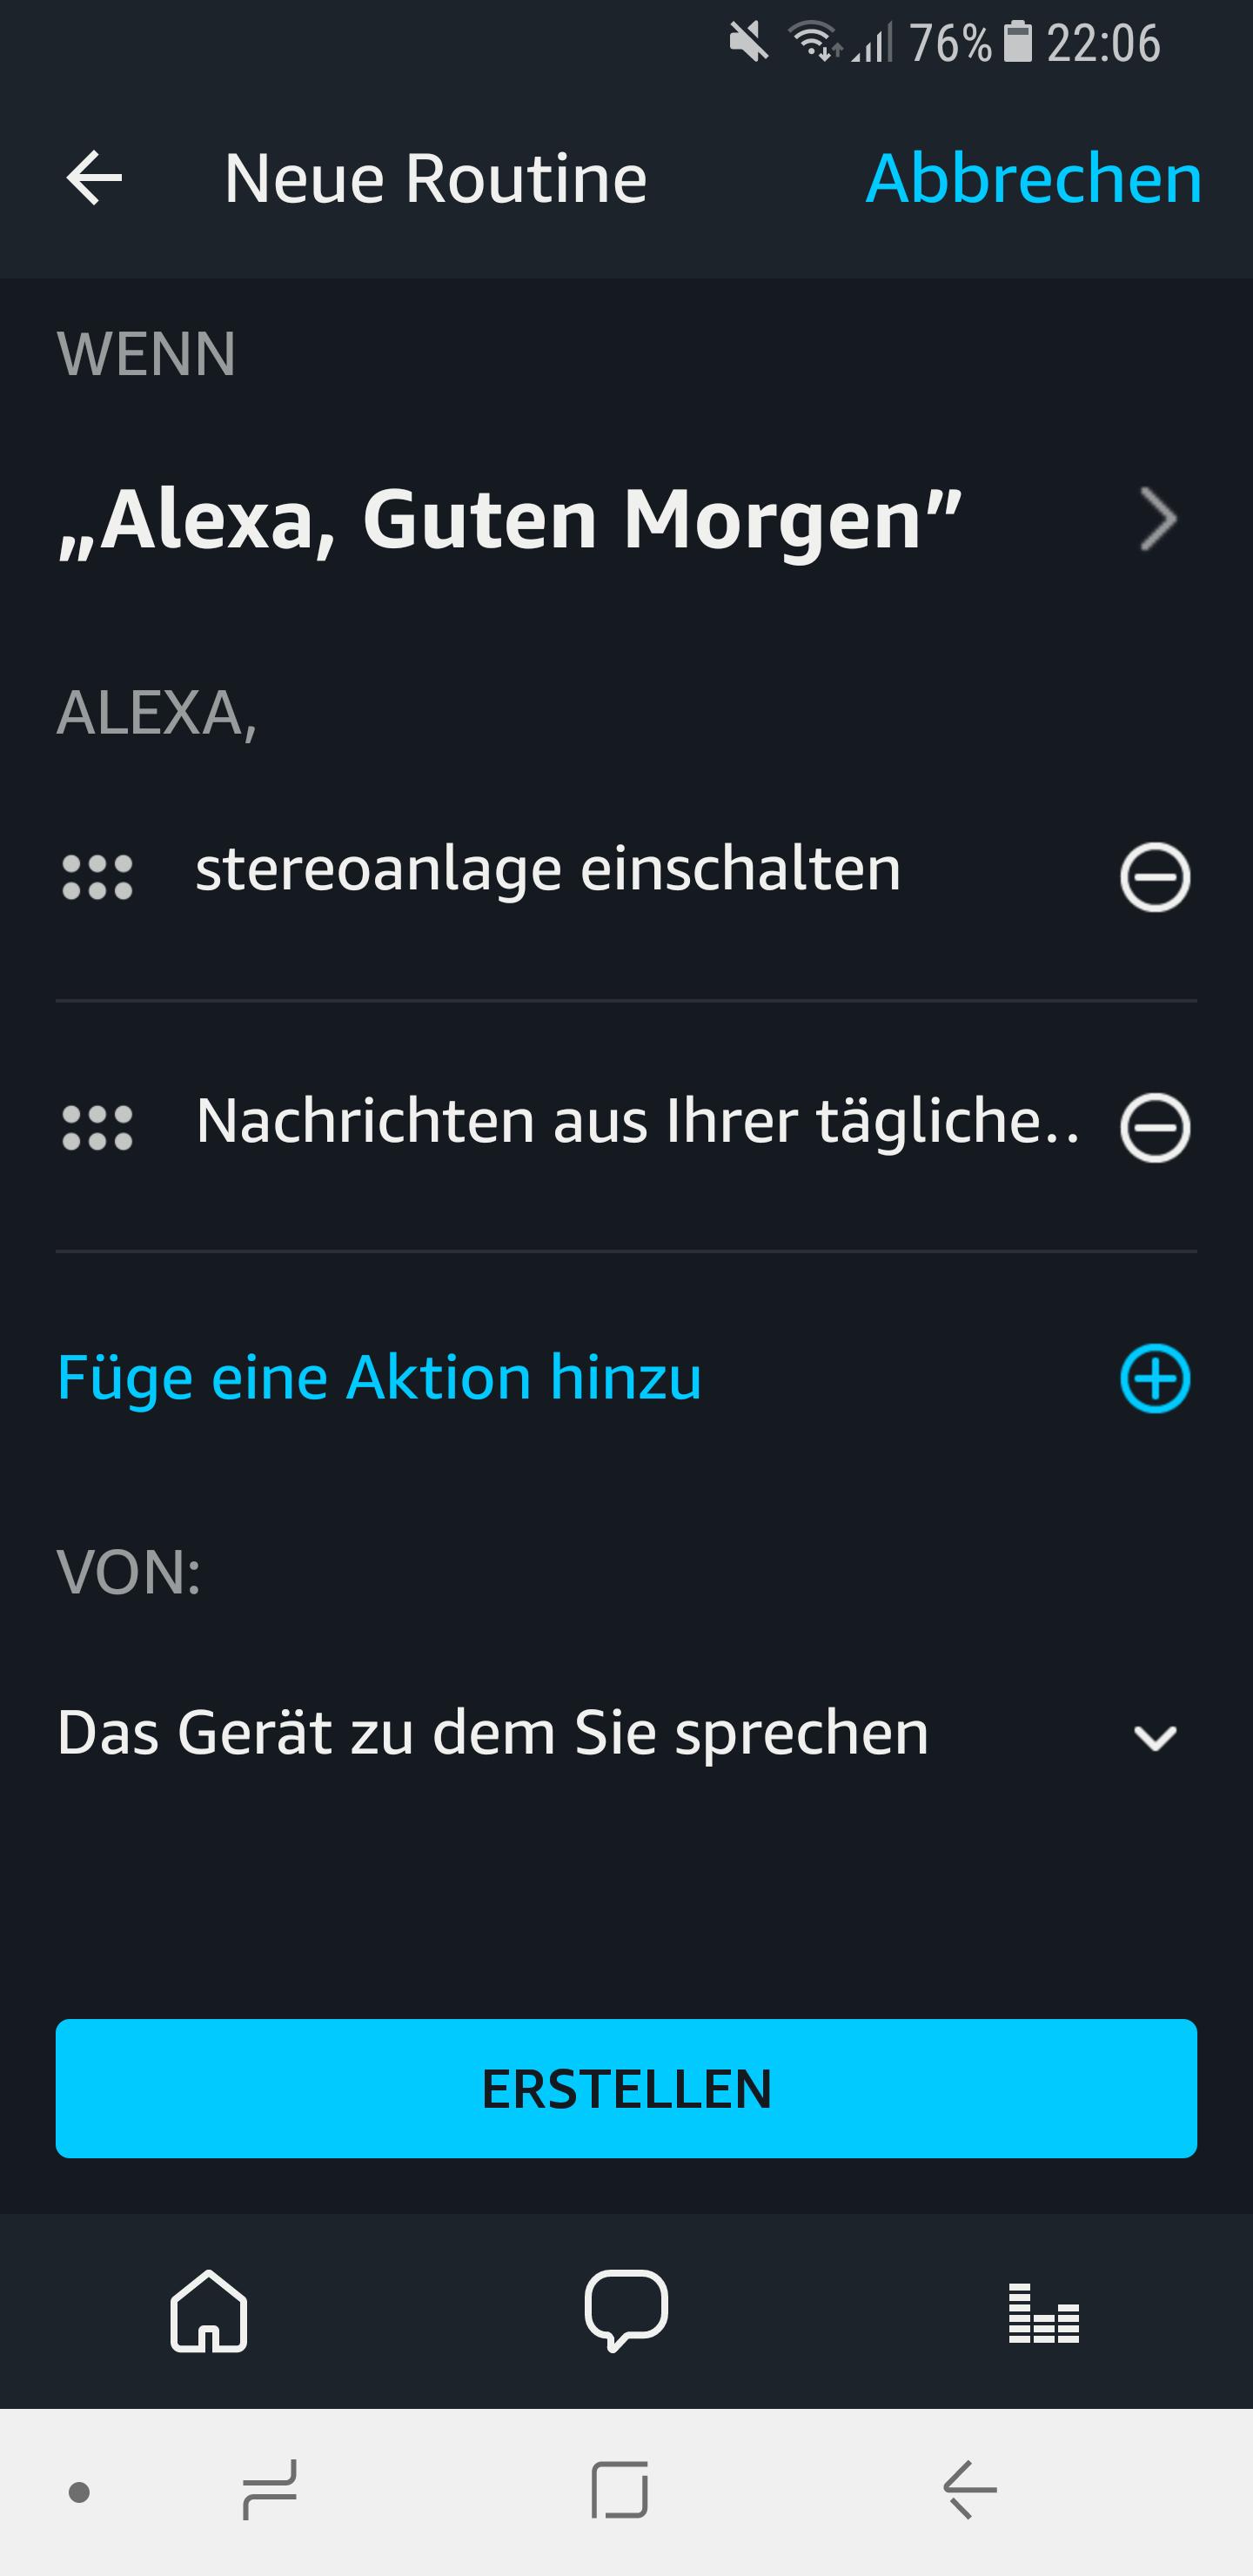 Routinen in der Amazon Alexa App einrichten und nutzen 15